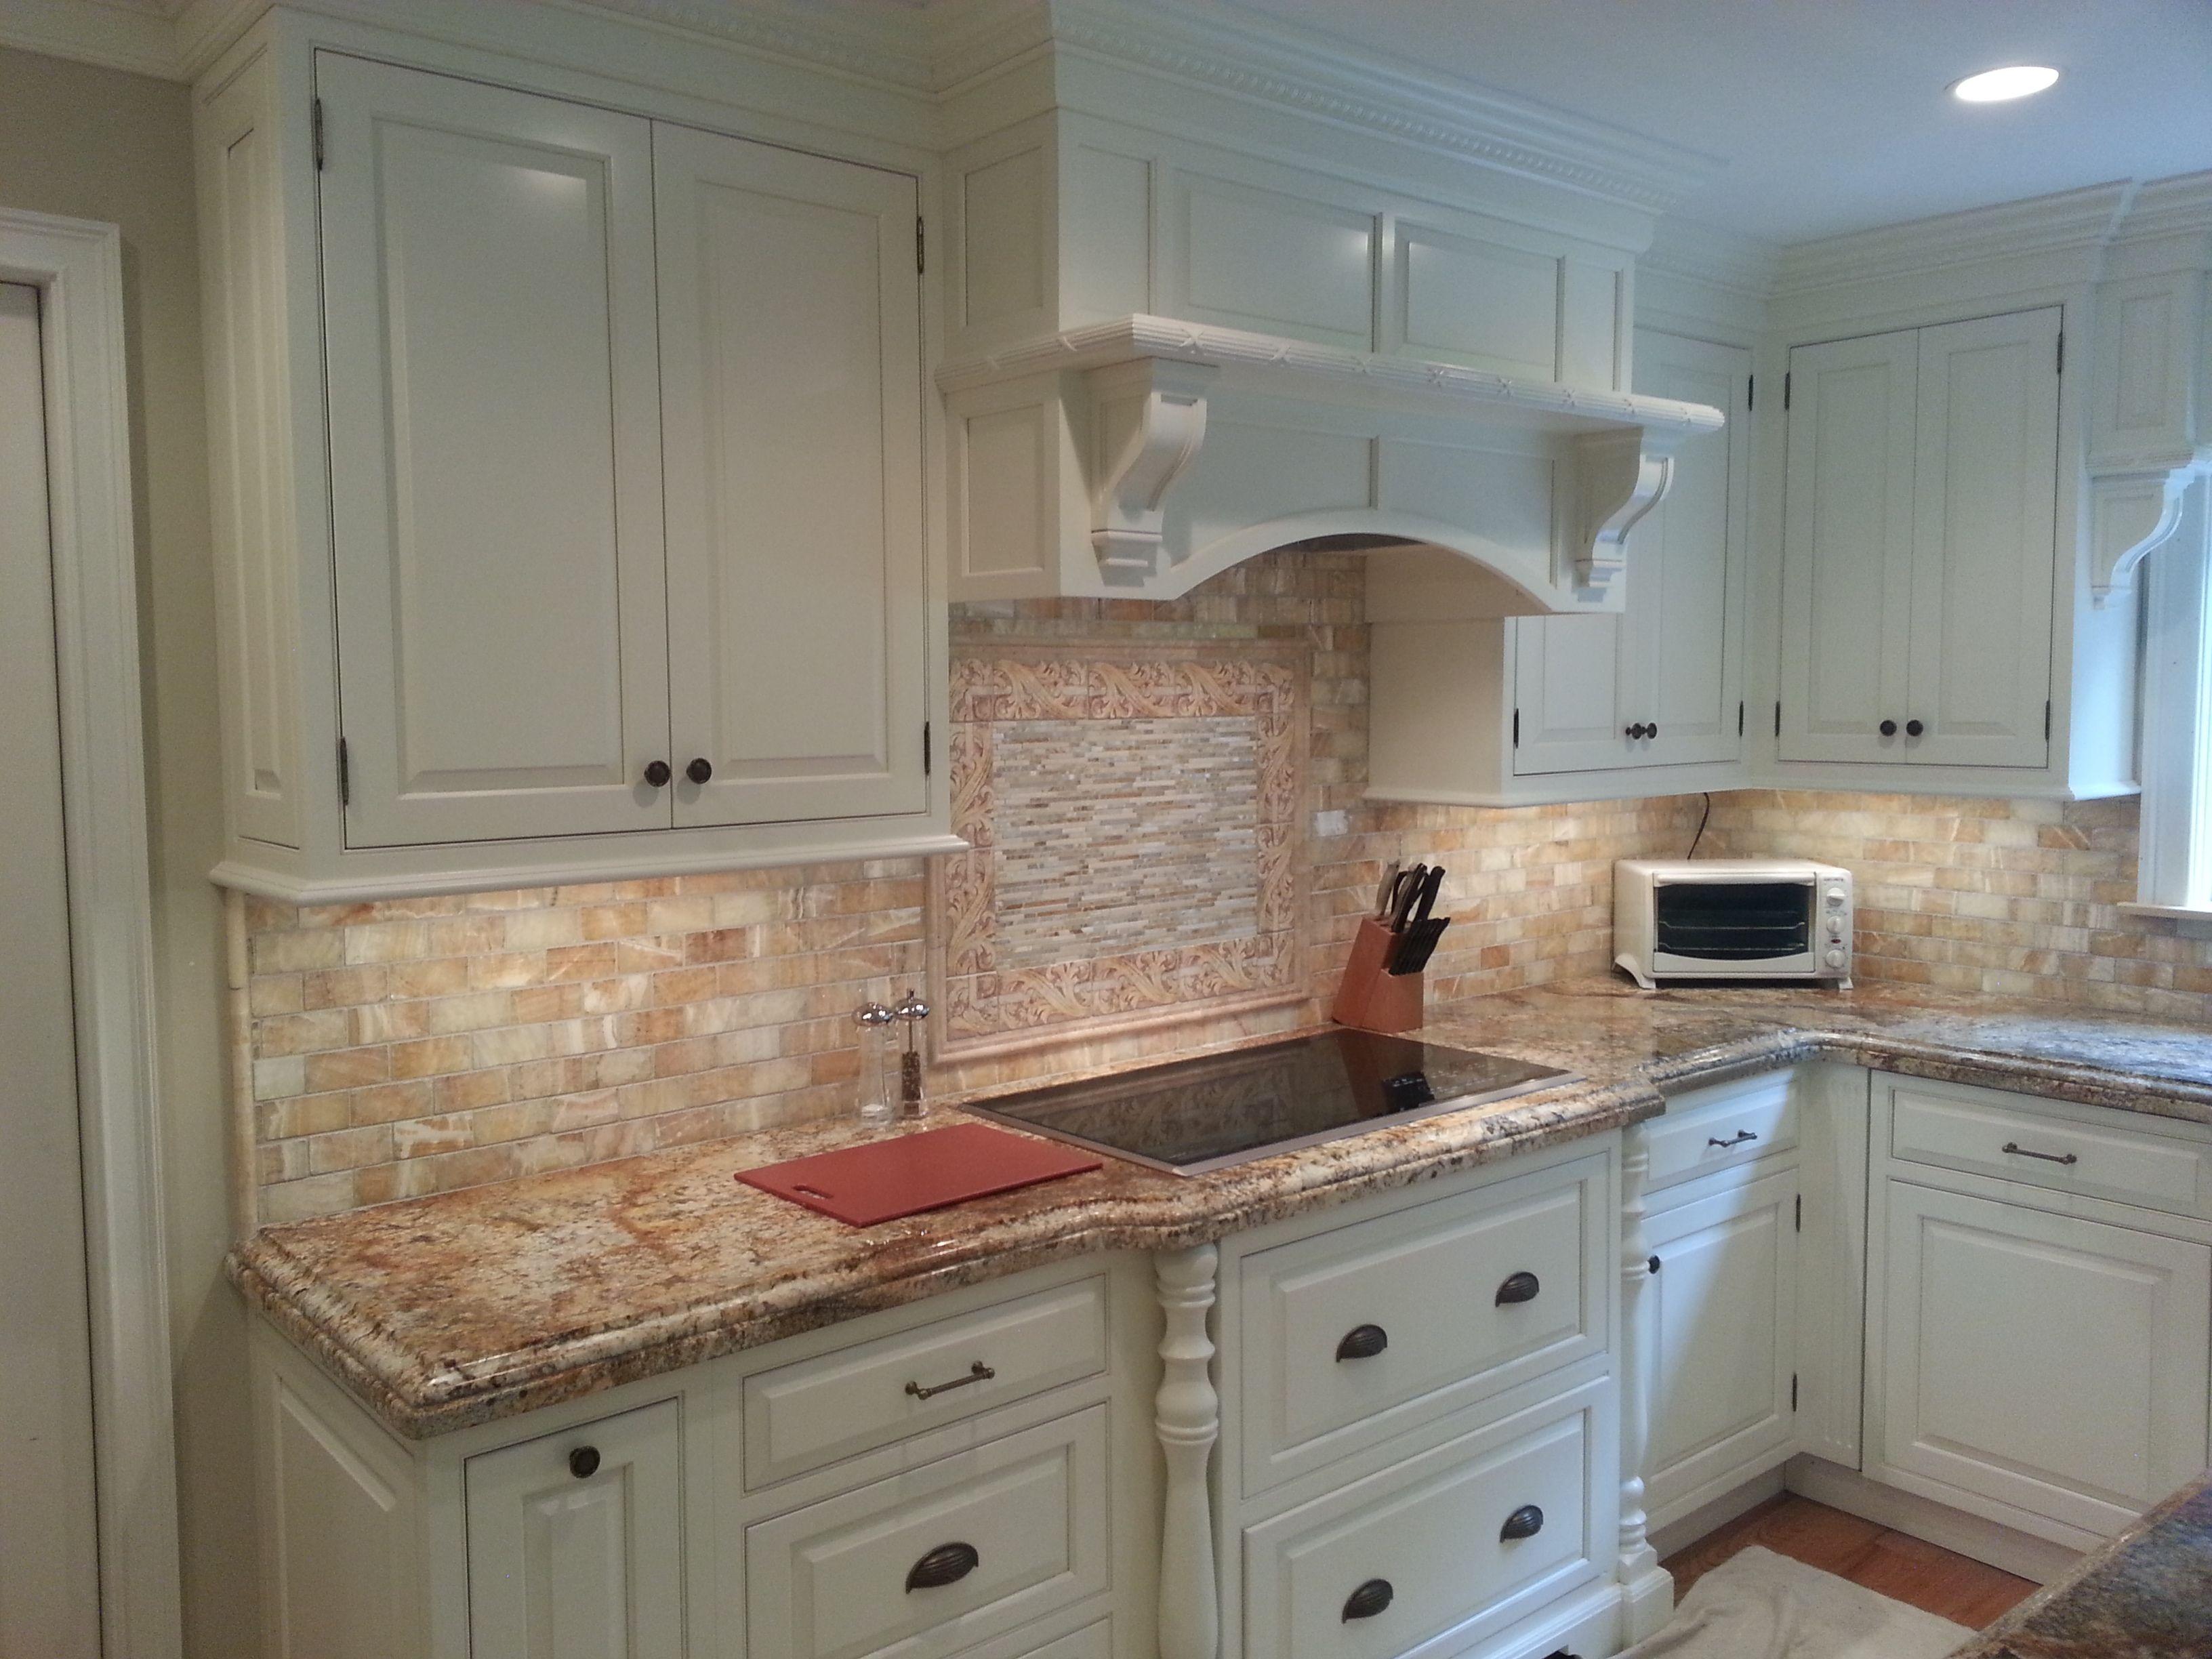 golden honey onyx backsplash tile. #backsplash #tile #whitekitchen